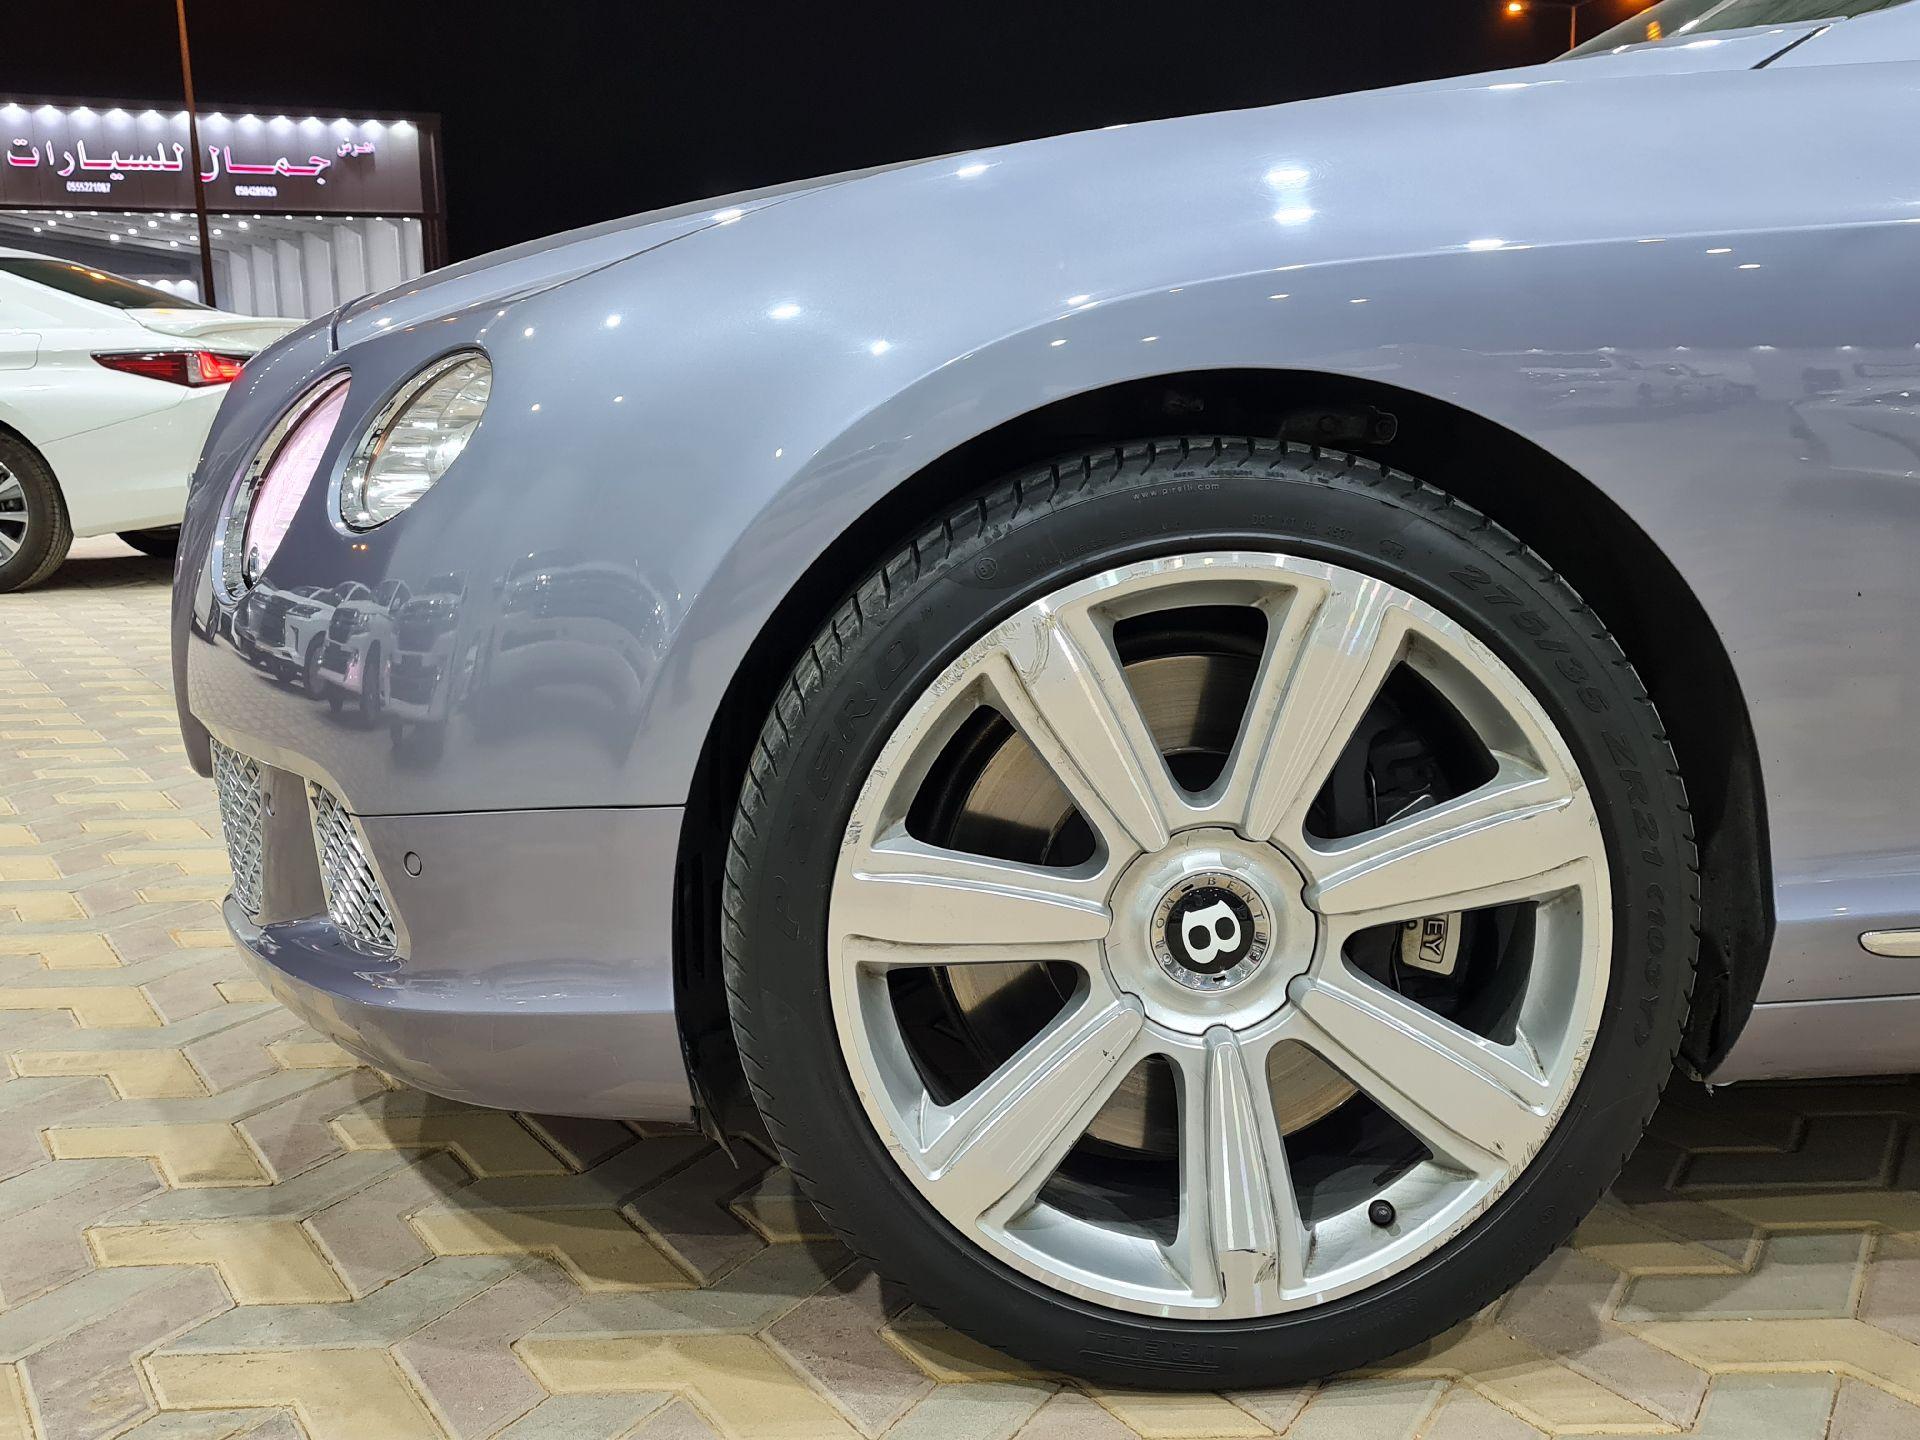 بنتلي كونتيننتال GT جي تي 2013 سعودي للبيع في الرياض - السعودية - صورة كبيرة - 4